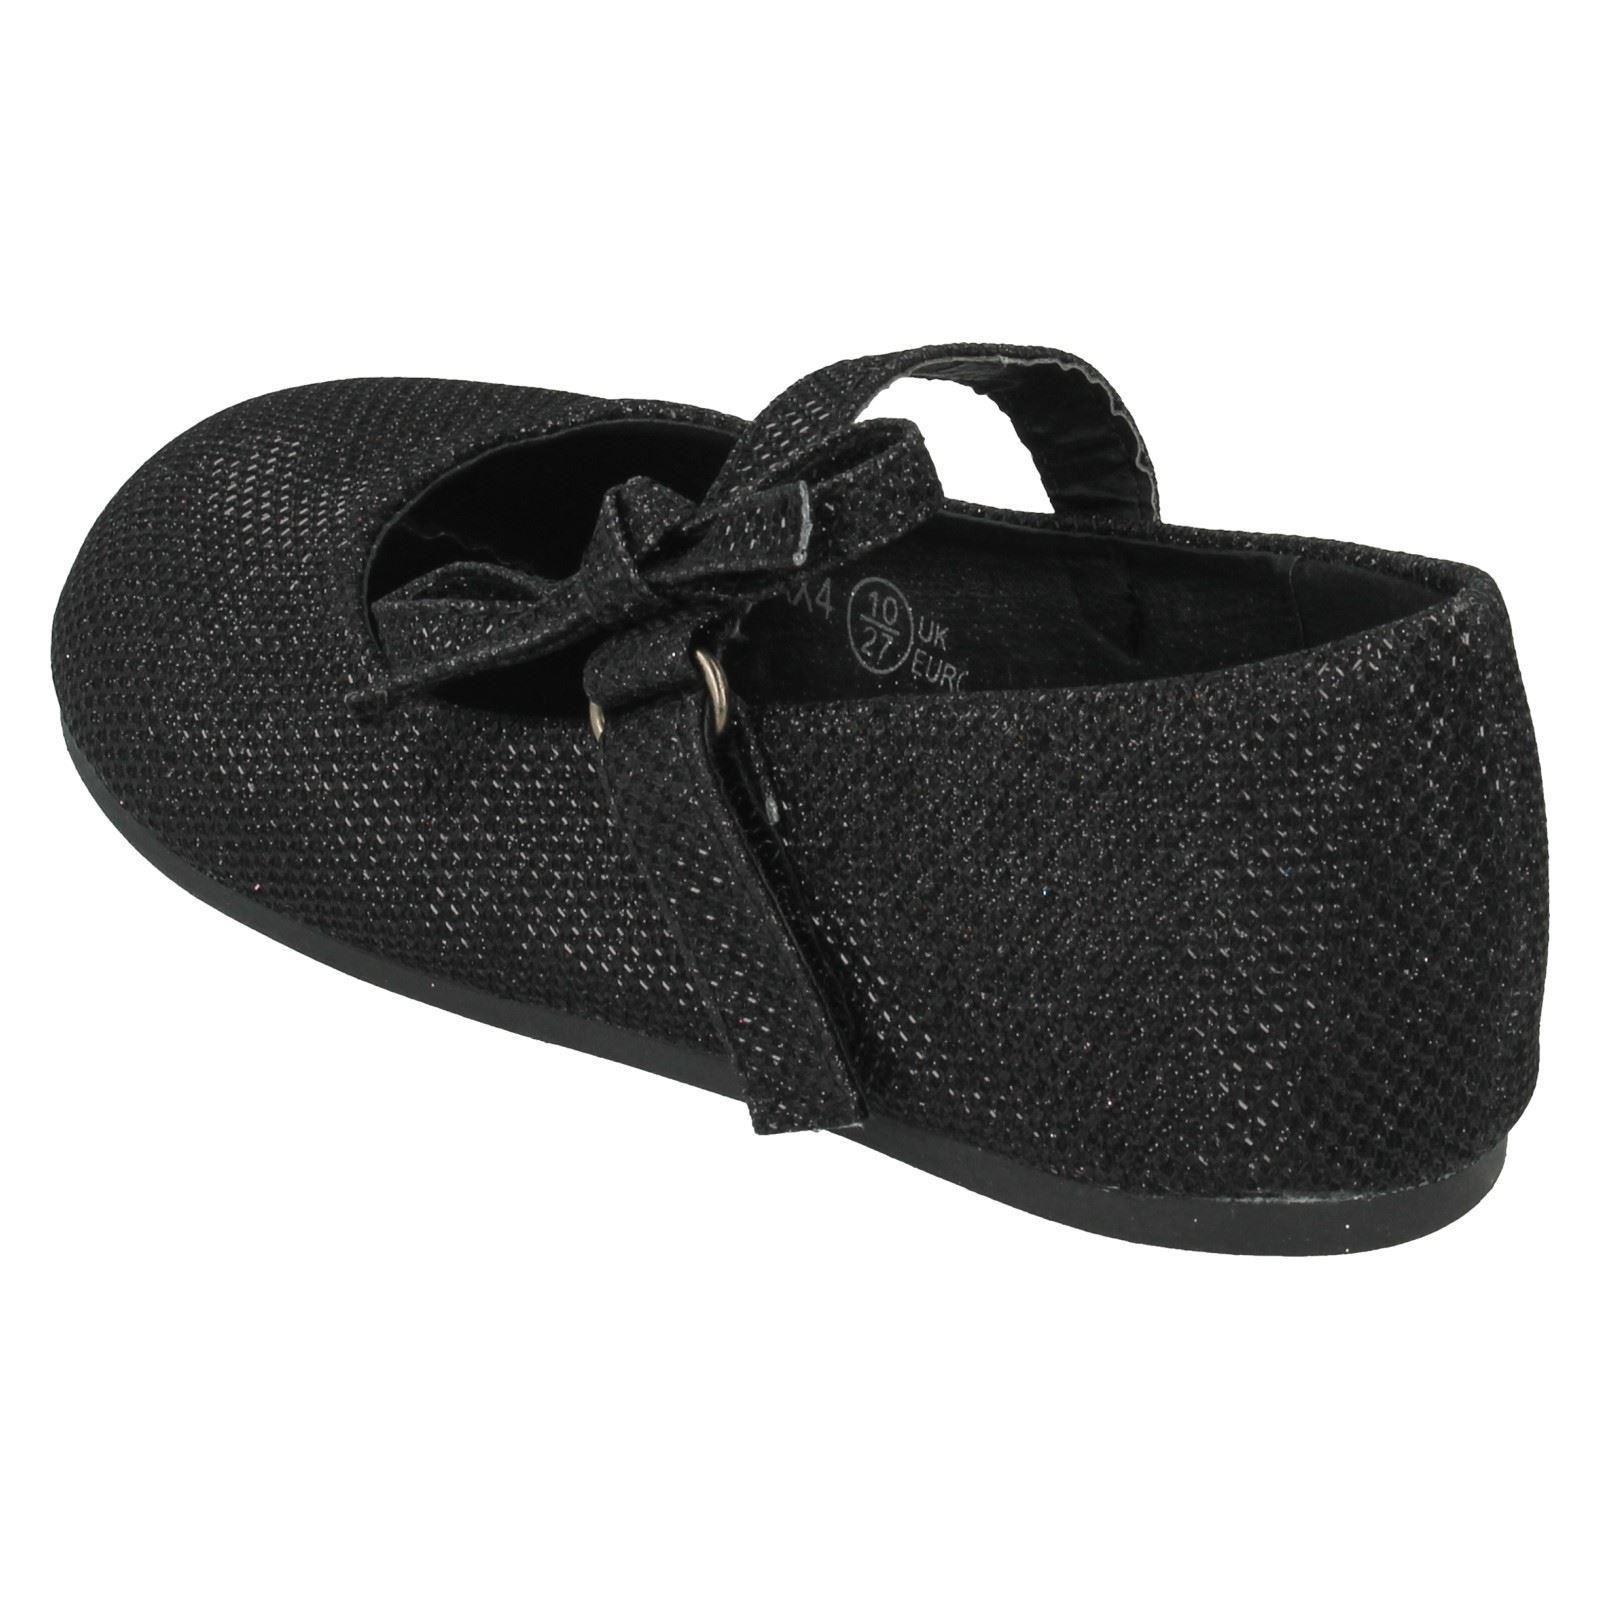 Girls In situ en los zapatos con detalle de moño Etiqueta h2304